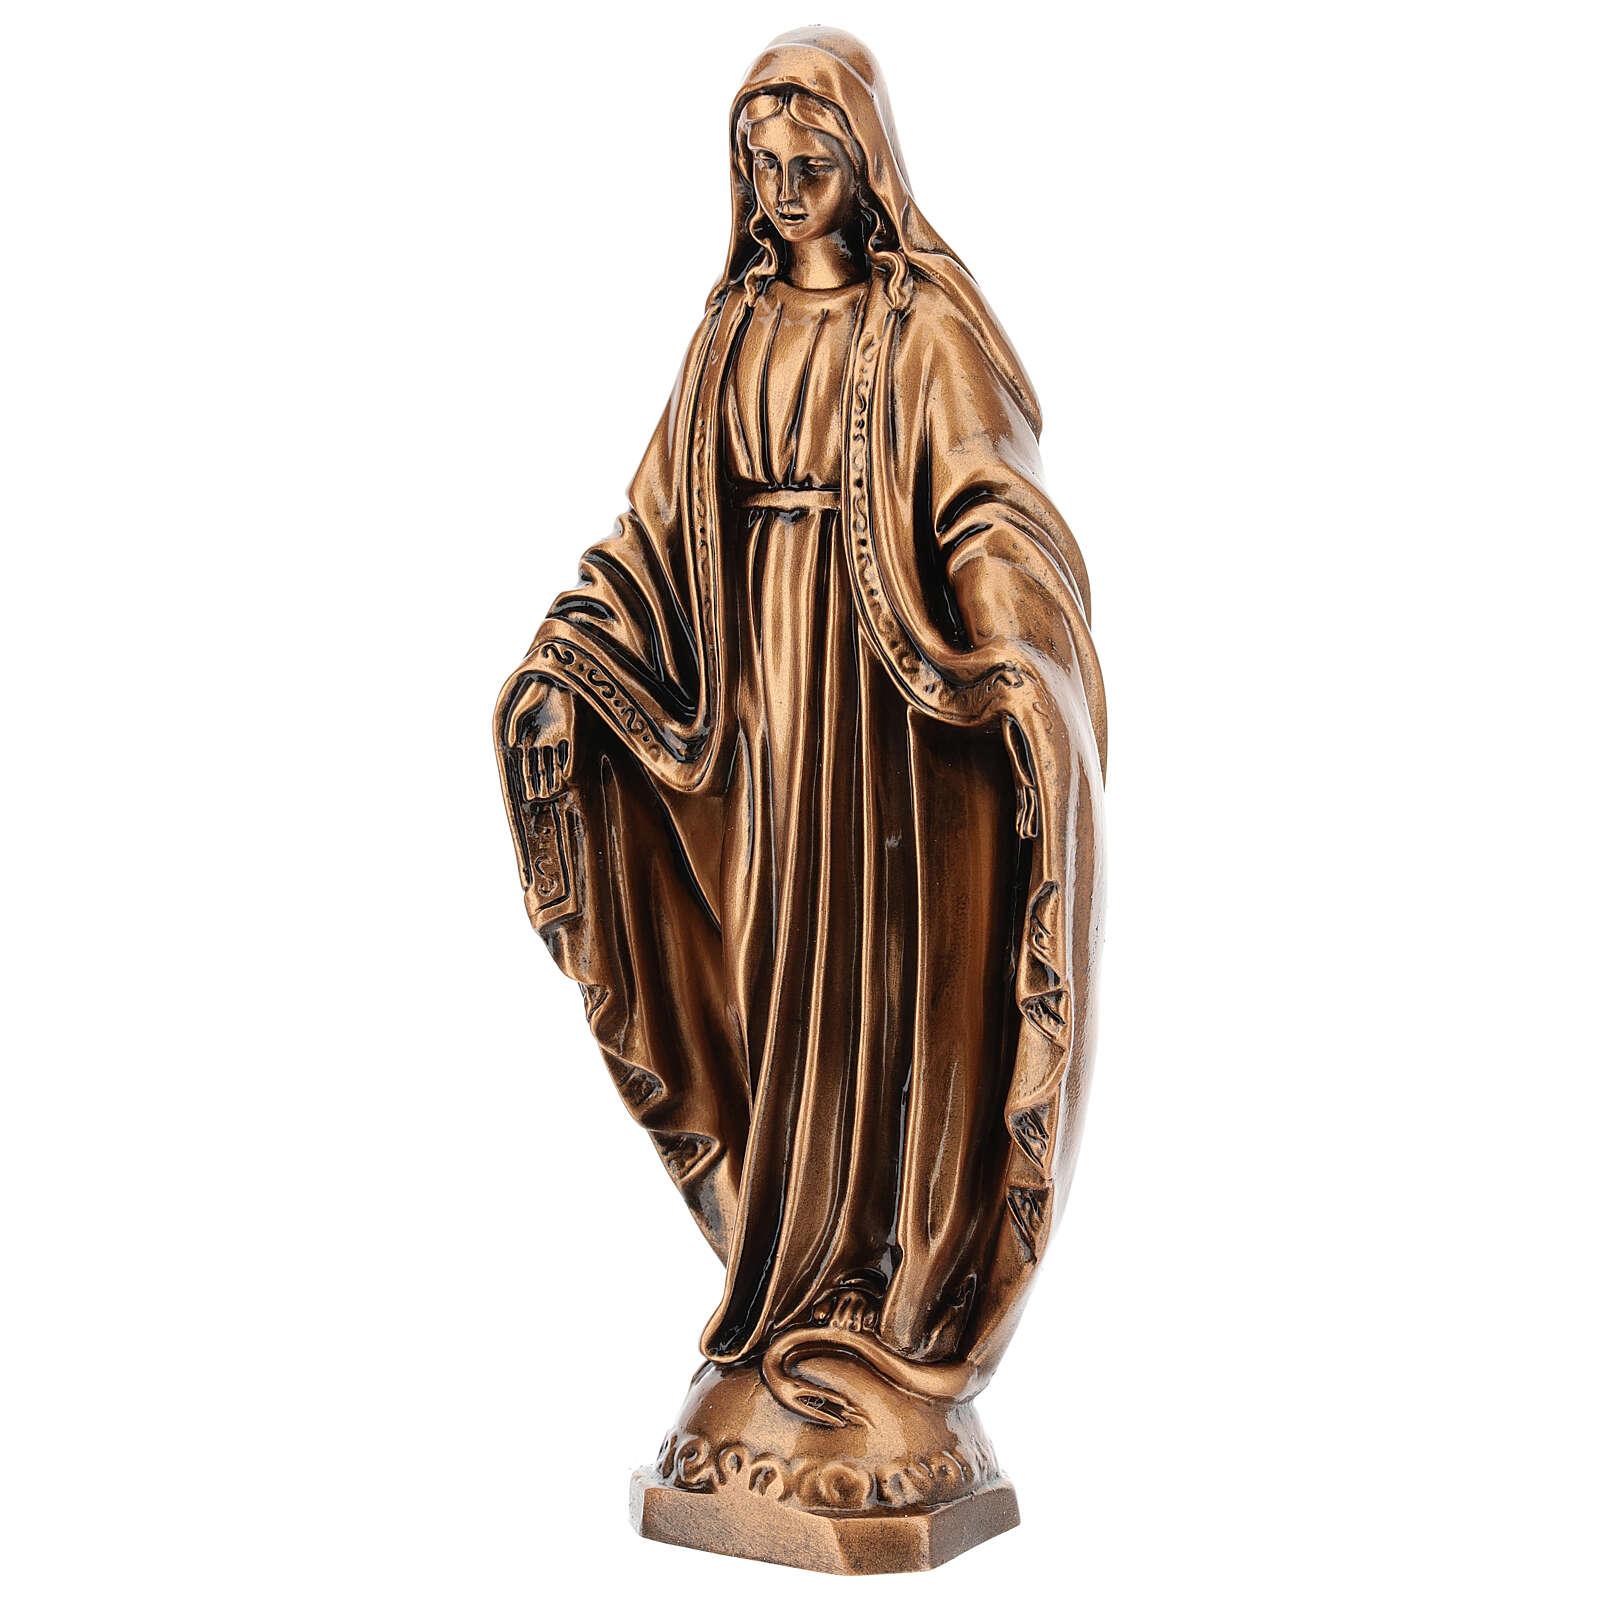 Estatua resina bronce Virgen Milagrosa base 30 cm 4